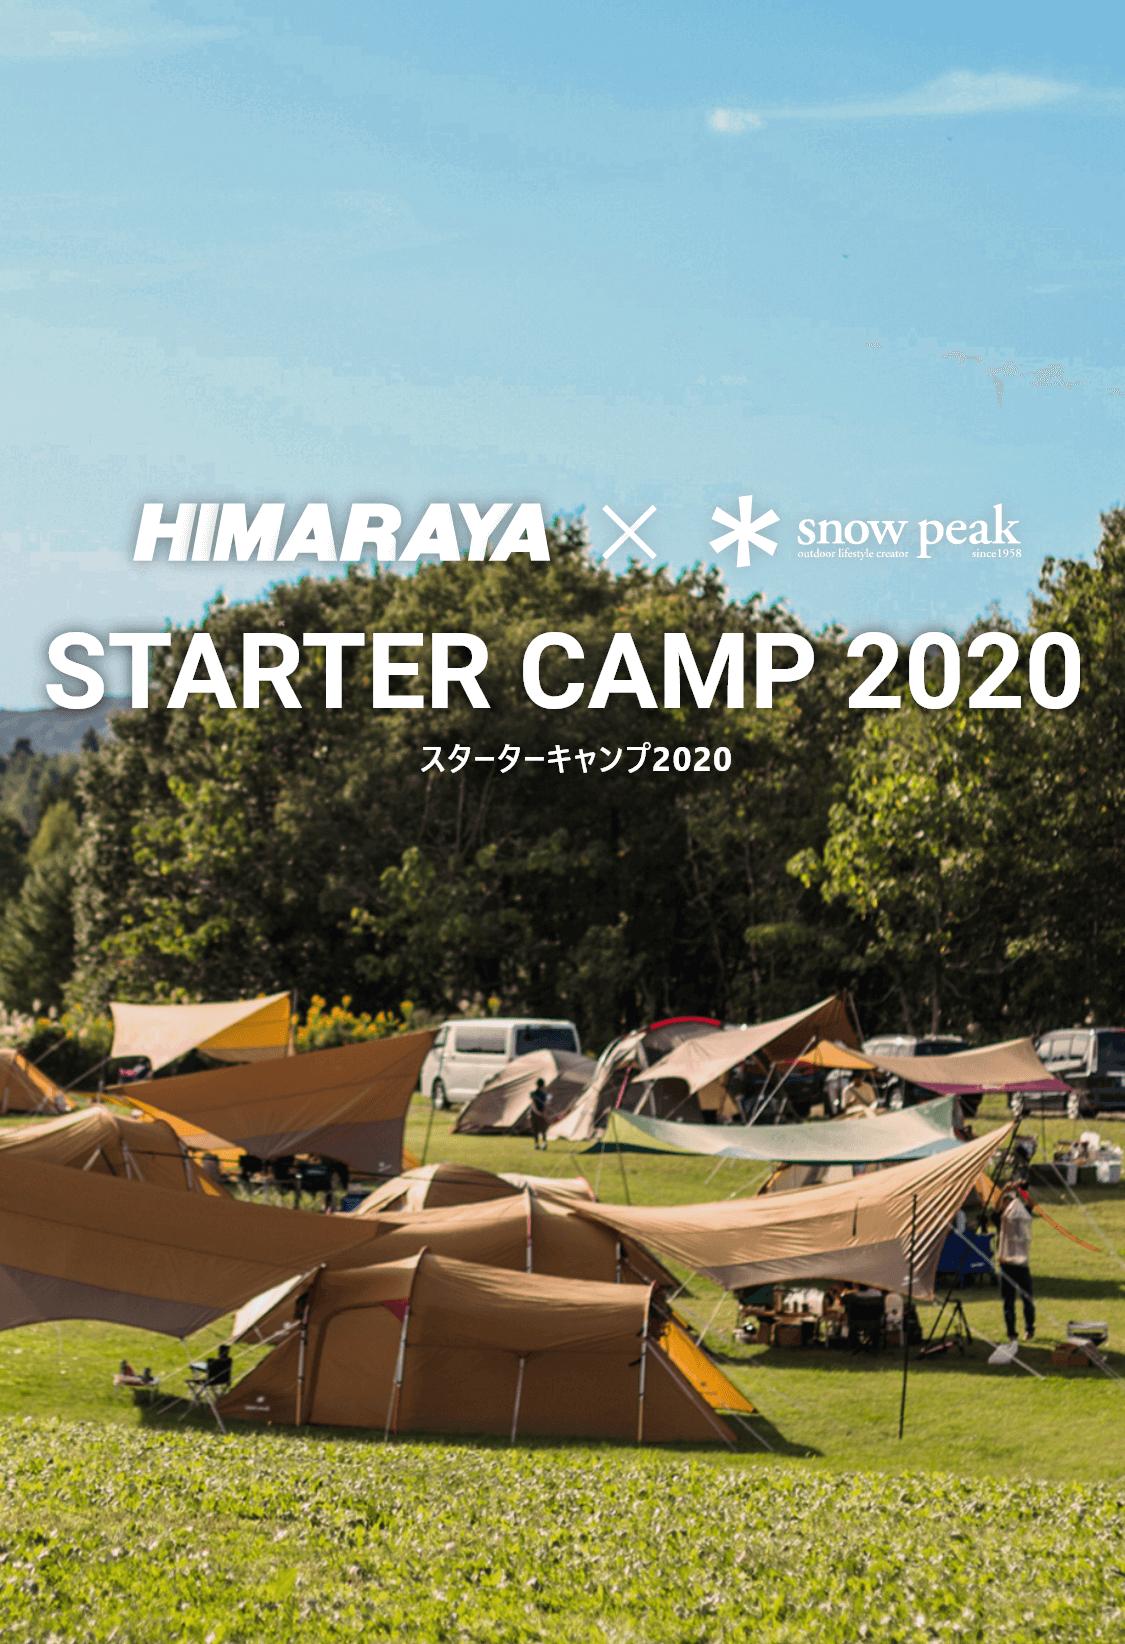 スターターキャンプ2020